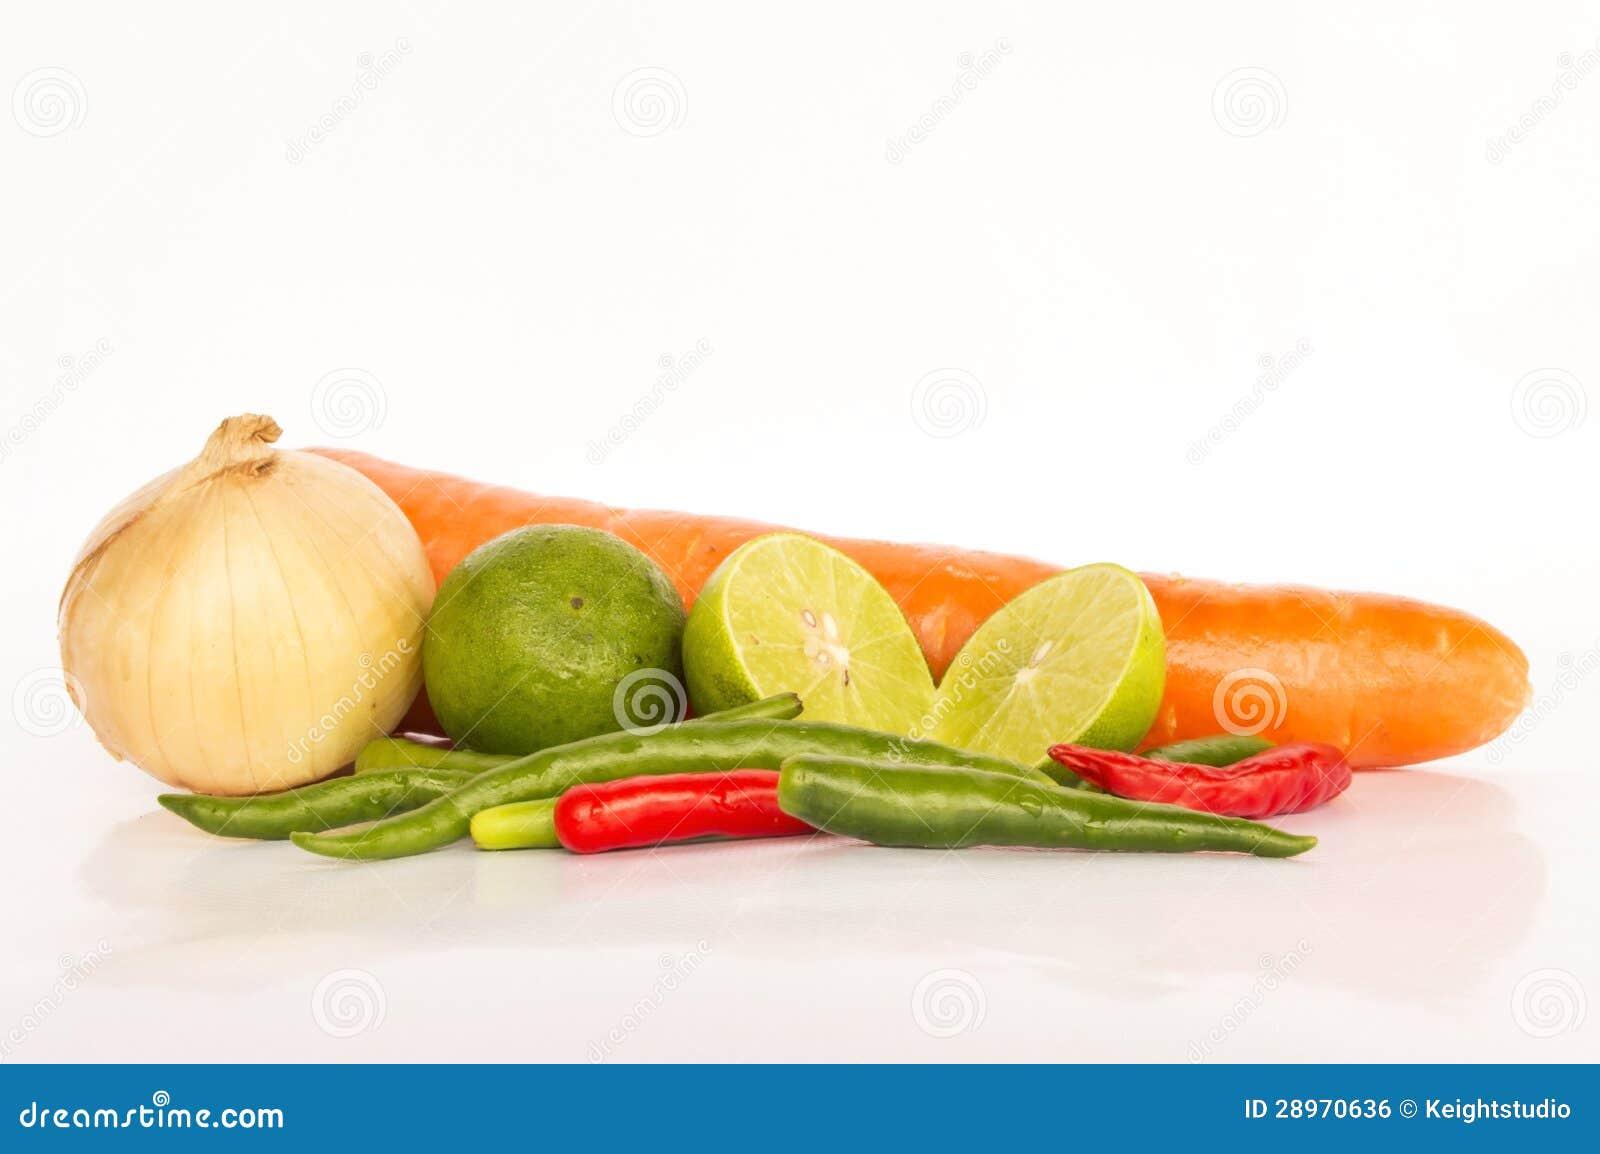 Wiele warzywa dalej odizolowywają